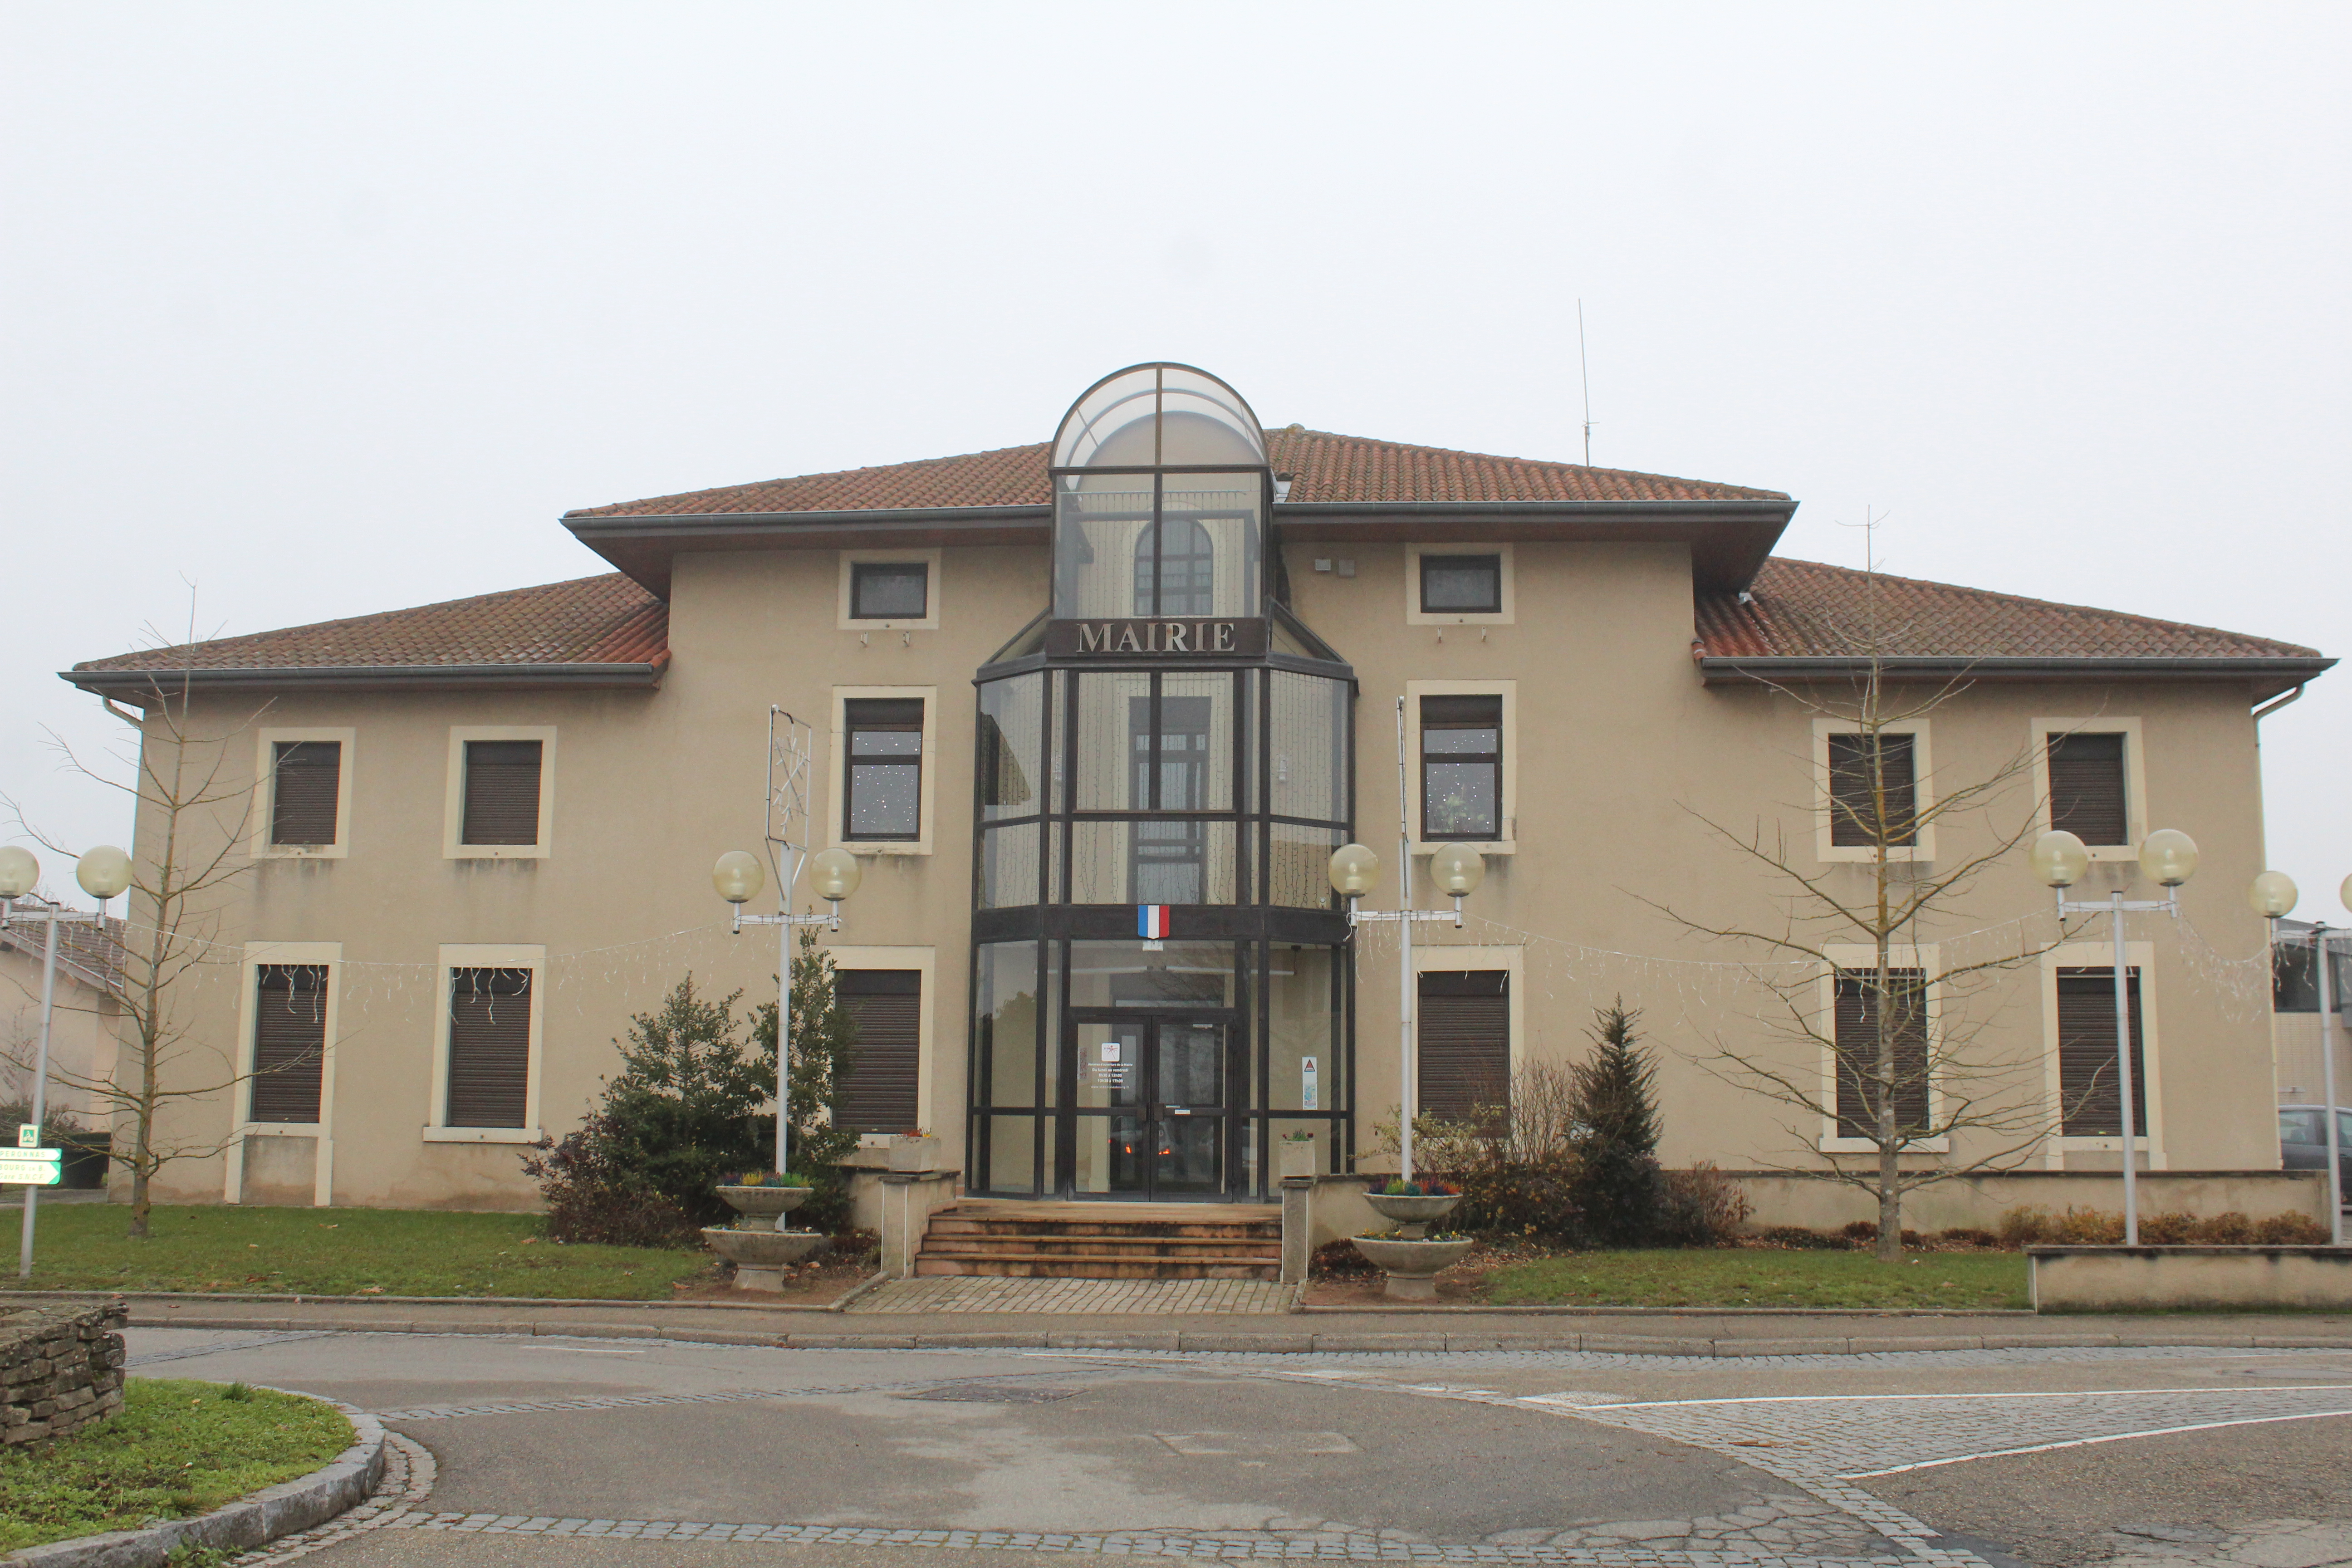 Saint-Denis-lès-Bourg